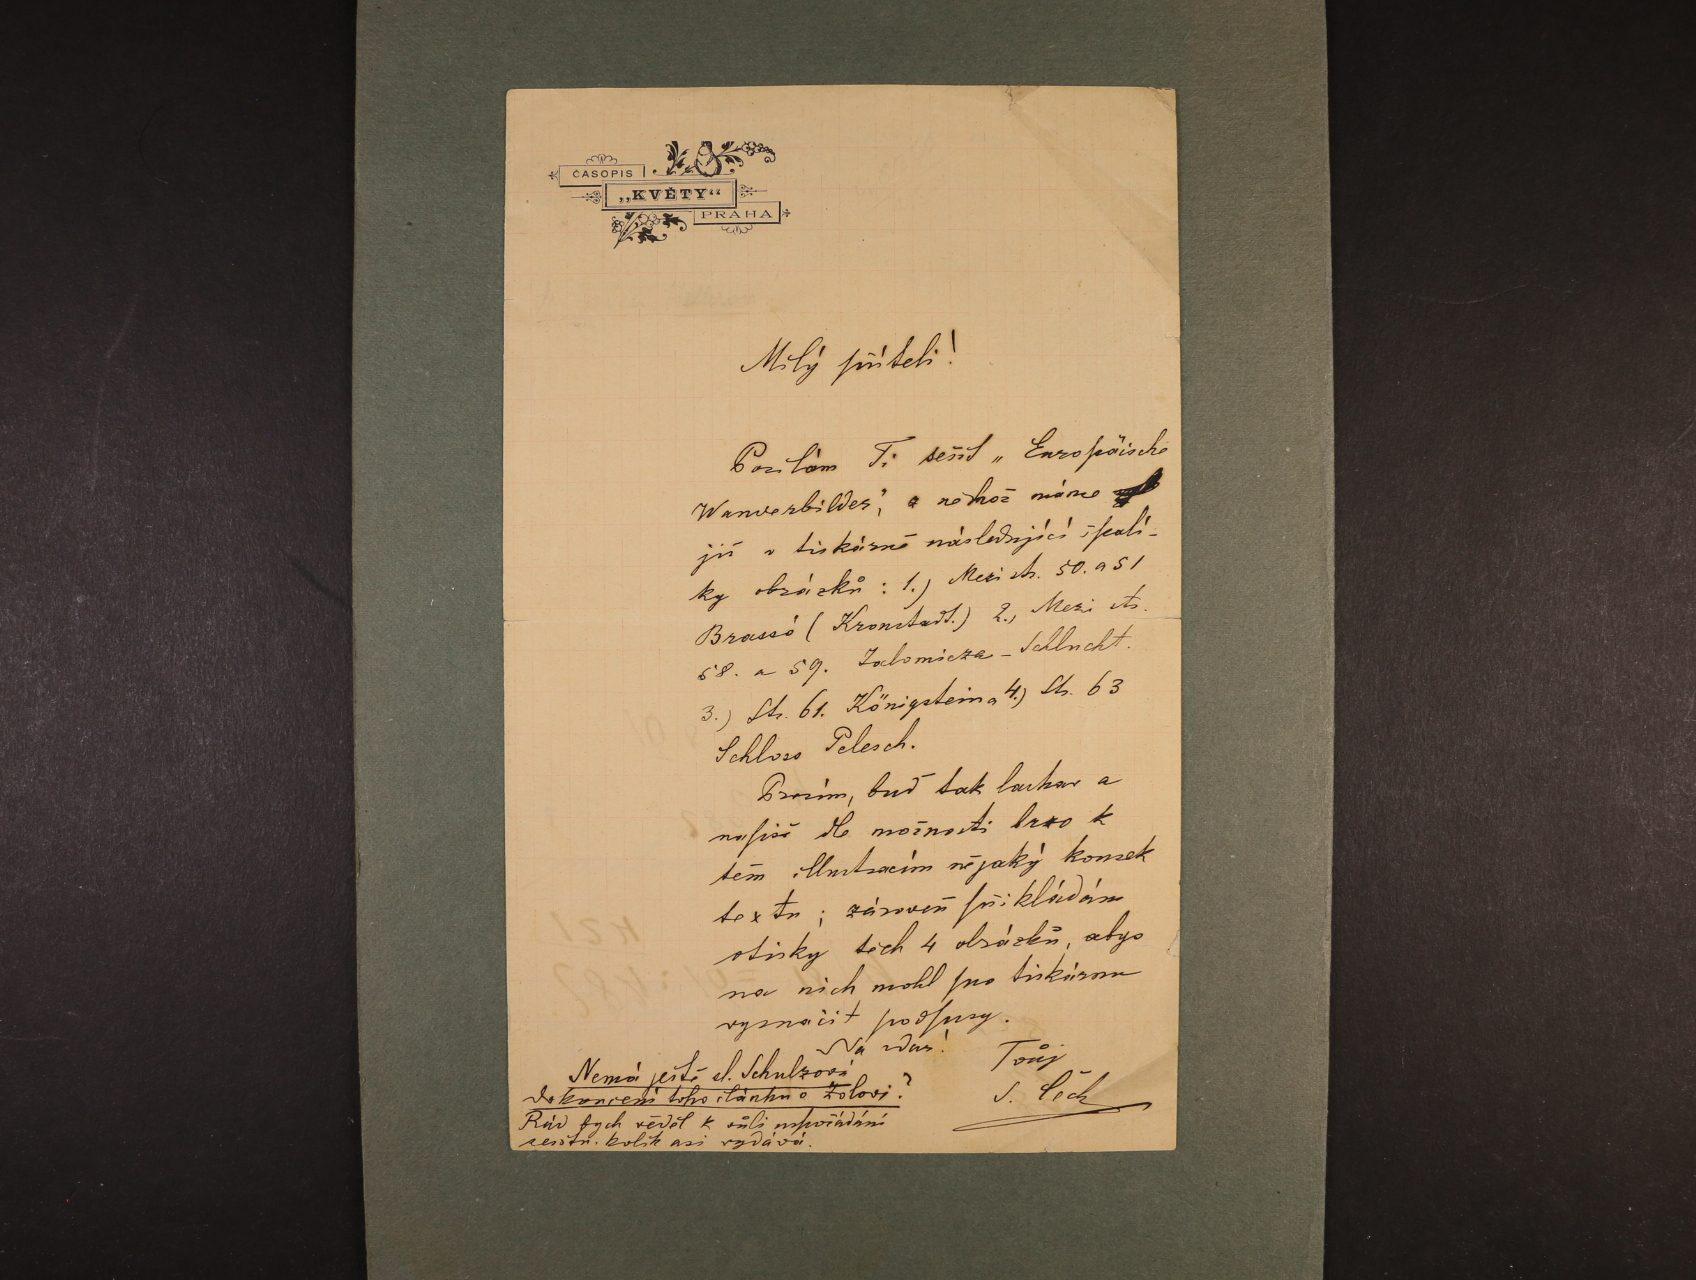 Čech Svatopluk 1846 - 1908, význačný český básník, prozaik, novinář a cestovatel - dopis na na úředním papíře časopisu Květy s vlastnoručním podpisem